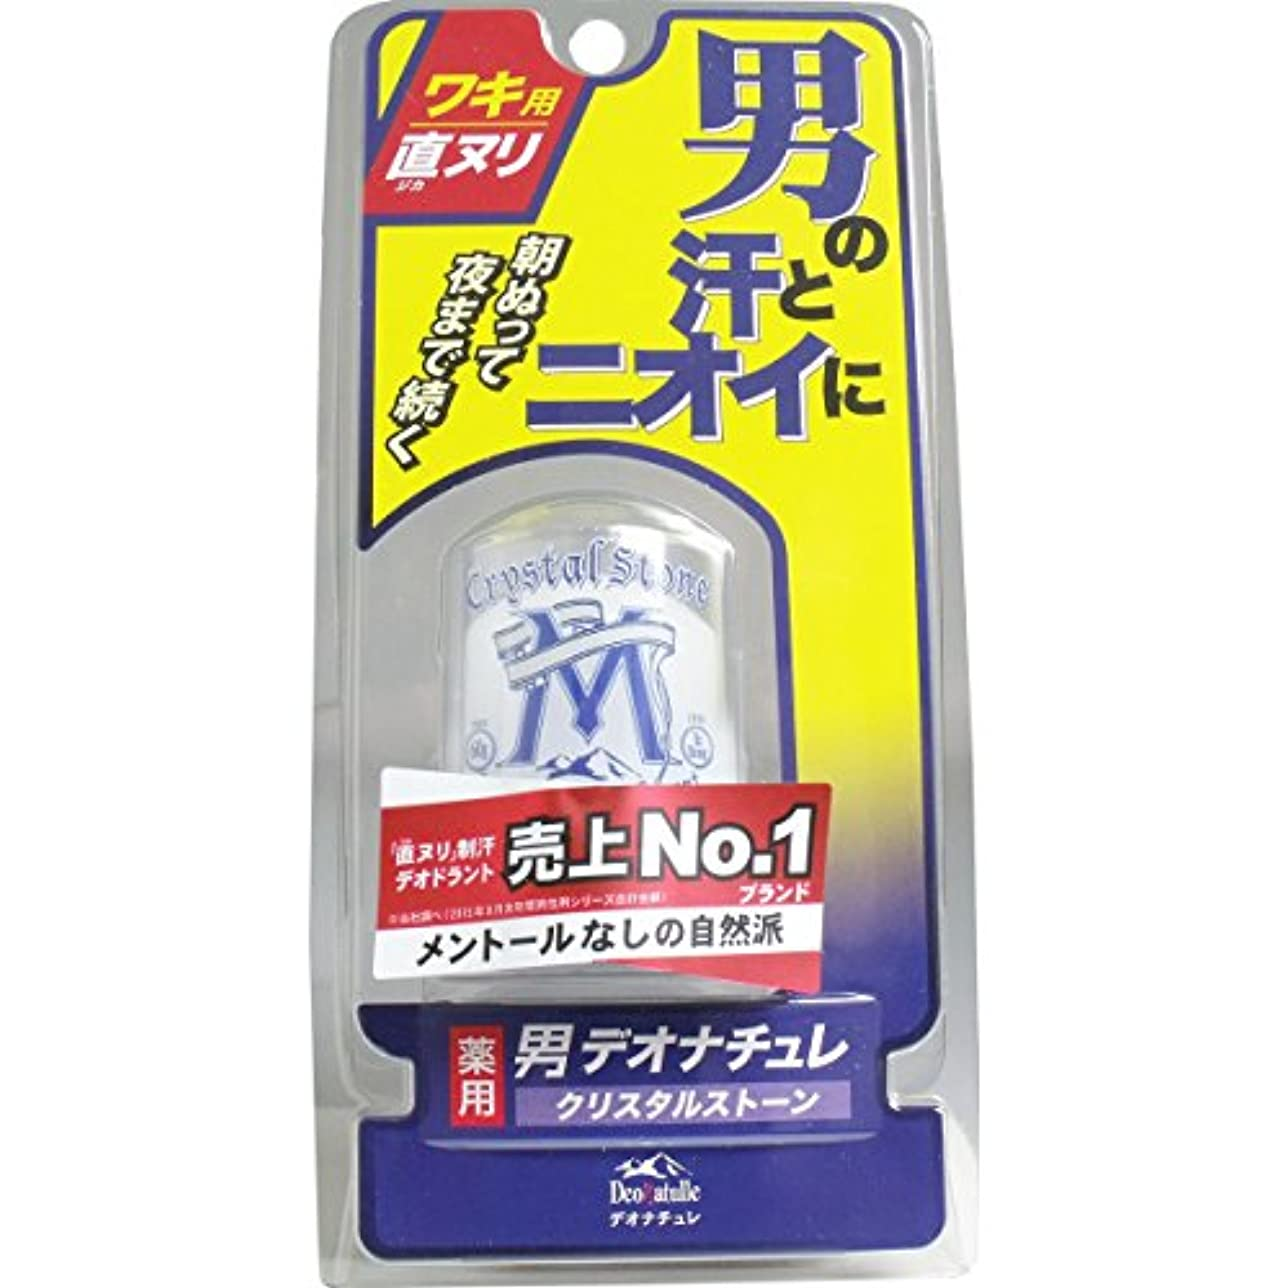 ヒギンズキノコやめるデオナチュレ 男クリスタルストーン 60Gx6個セット (4971825011778)